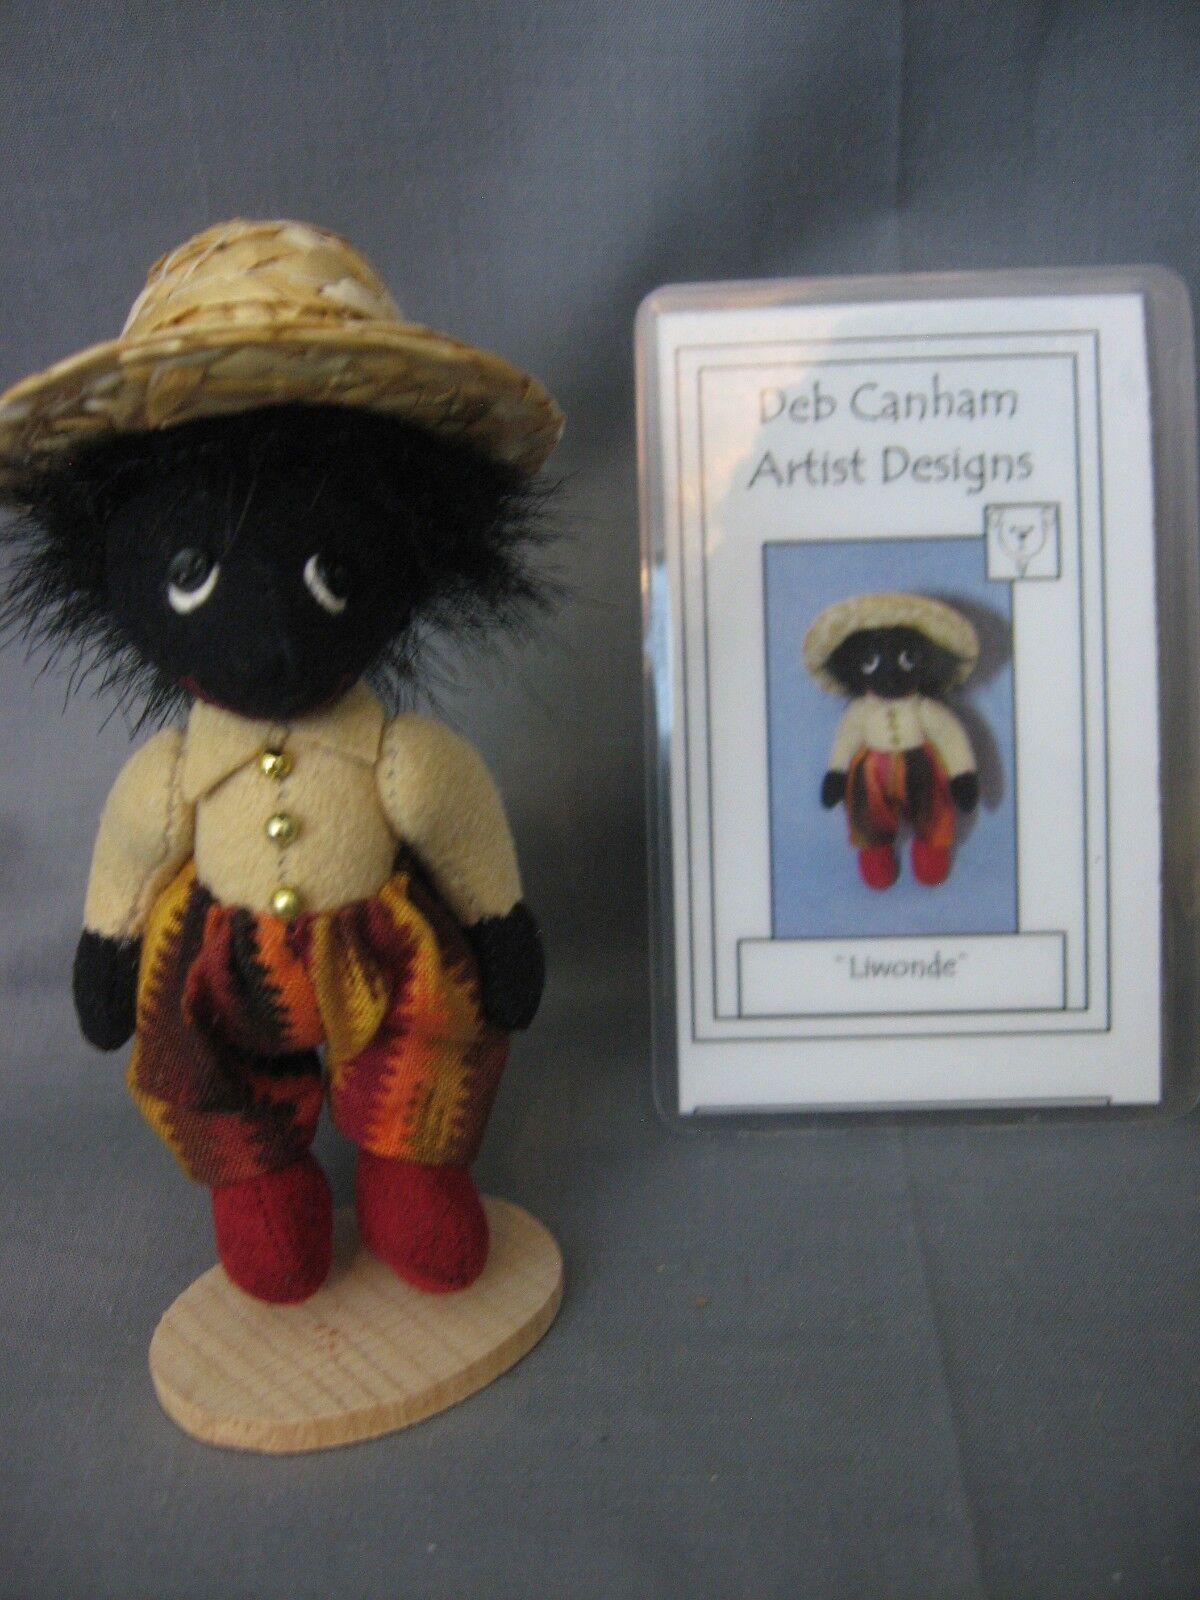 DEB CANHAM- LIWONDE - SAFARI CONVENTION - 2009 -  1 of 26 PIECES -